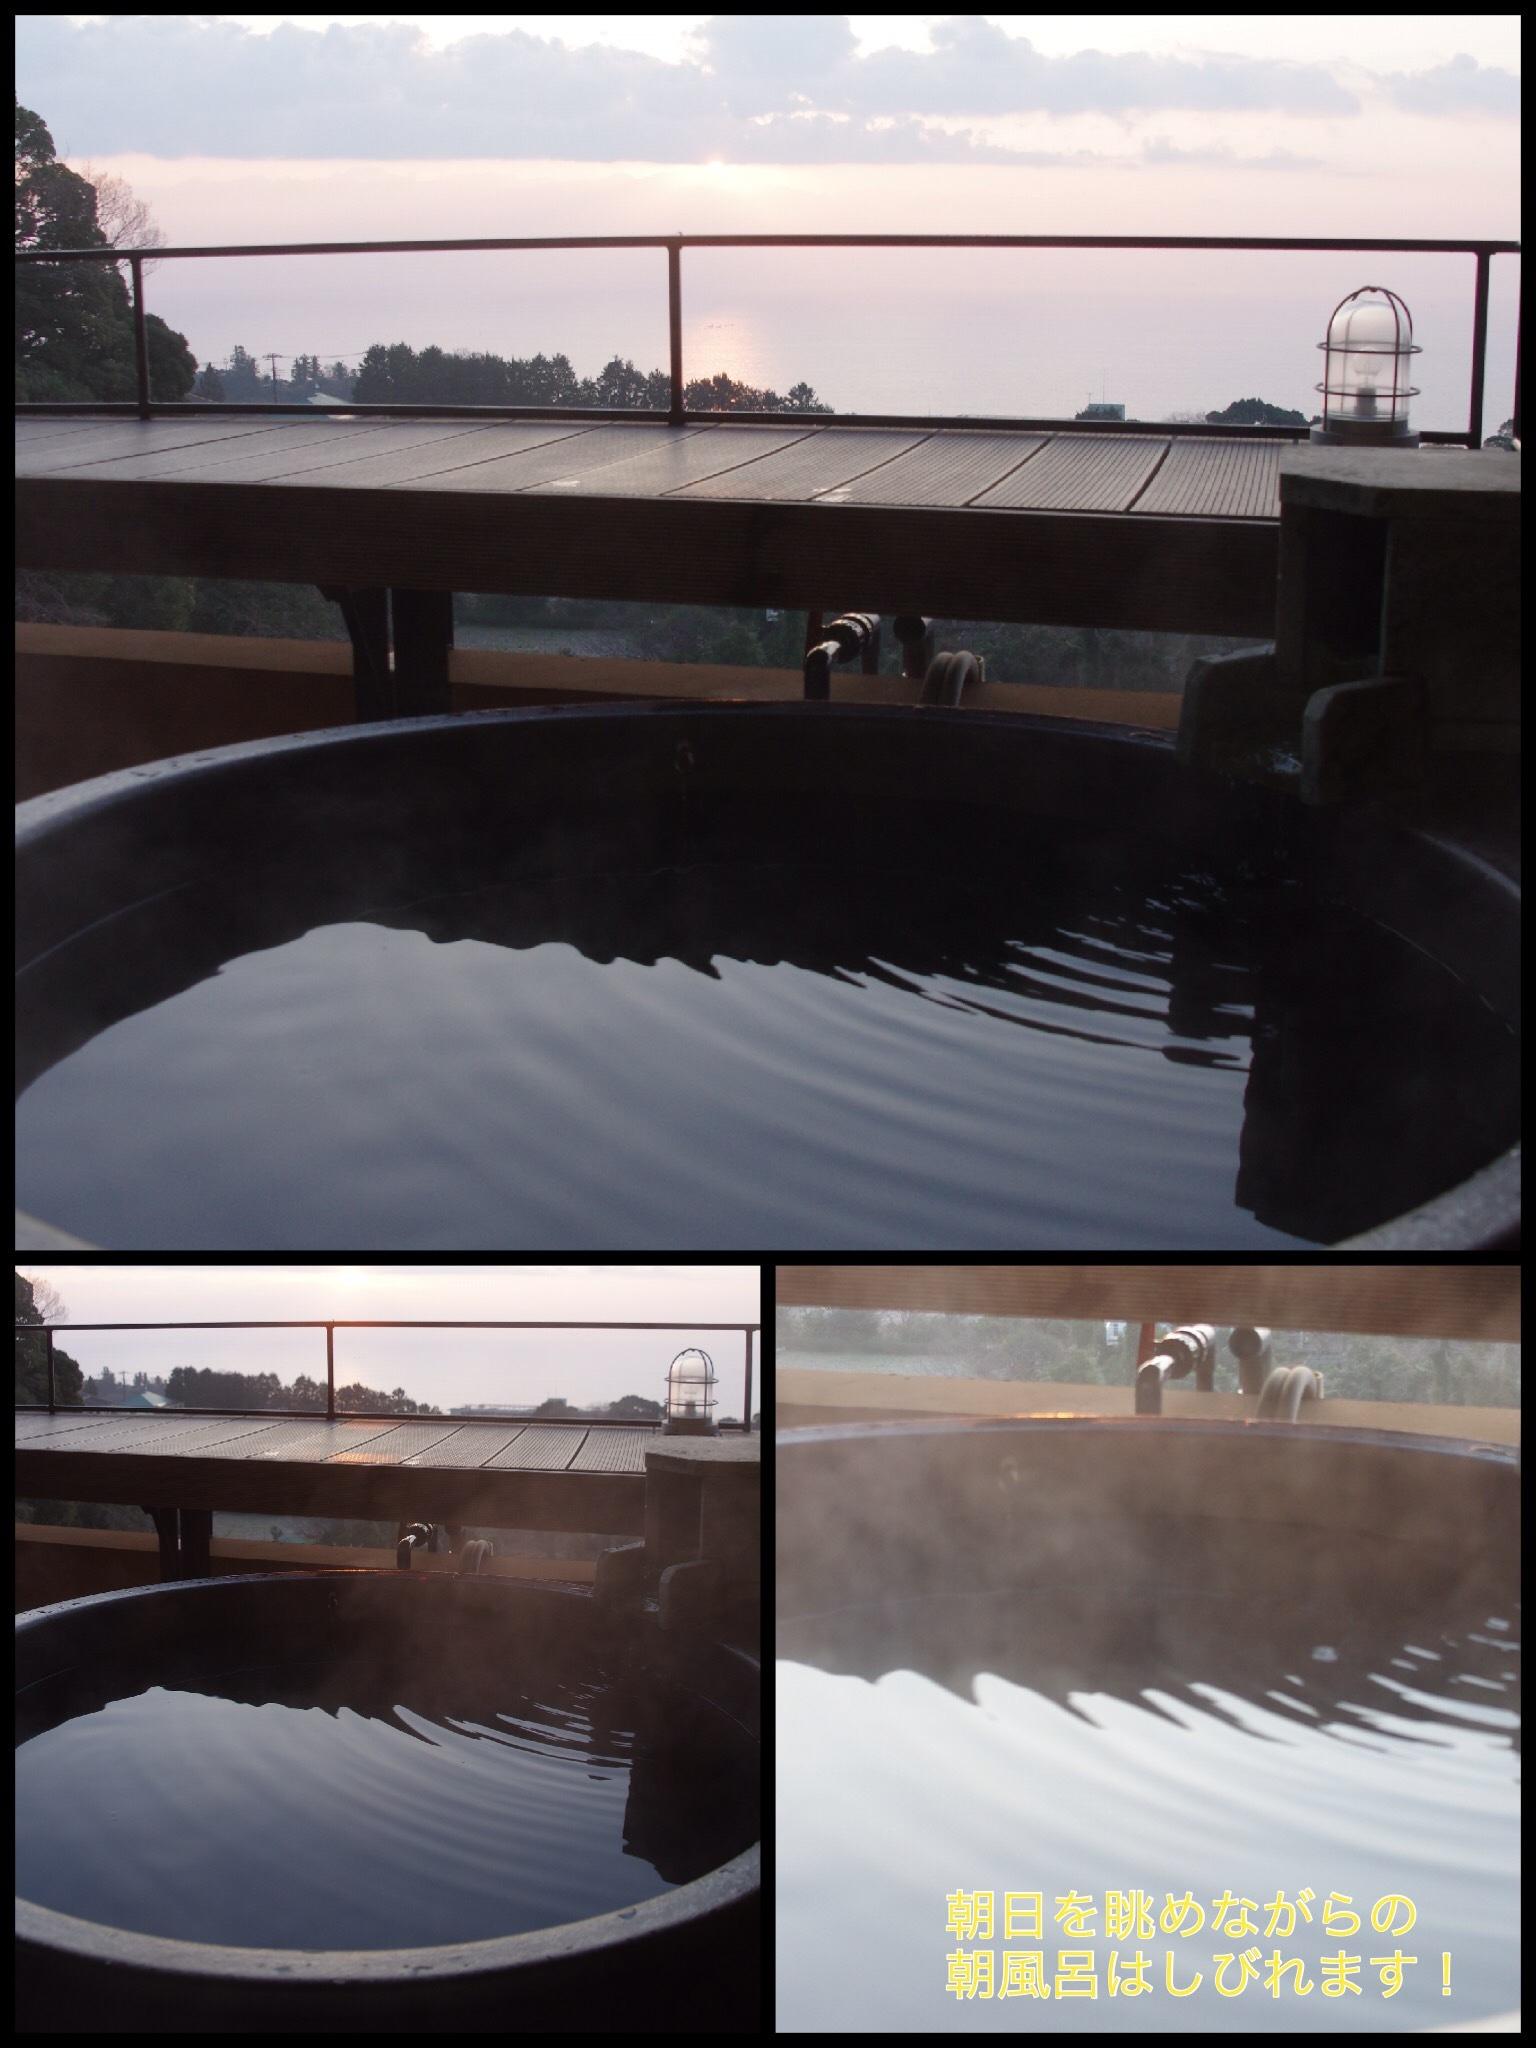 伊豆高原 記念日を祝う宿 自然家 Haco 日の出 露天風呂